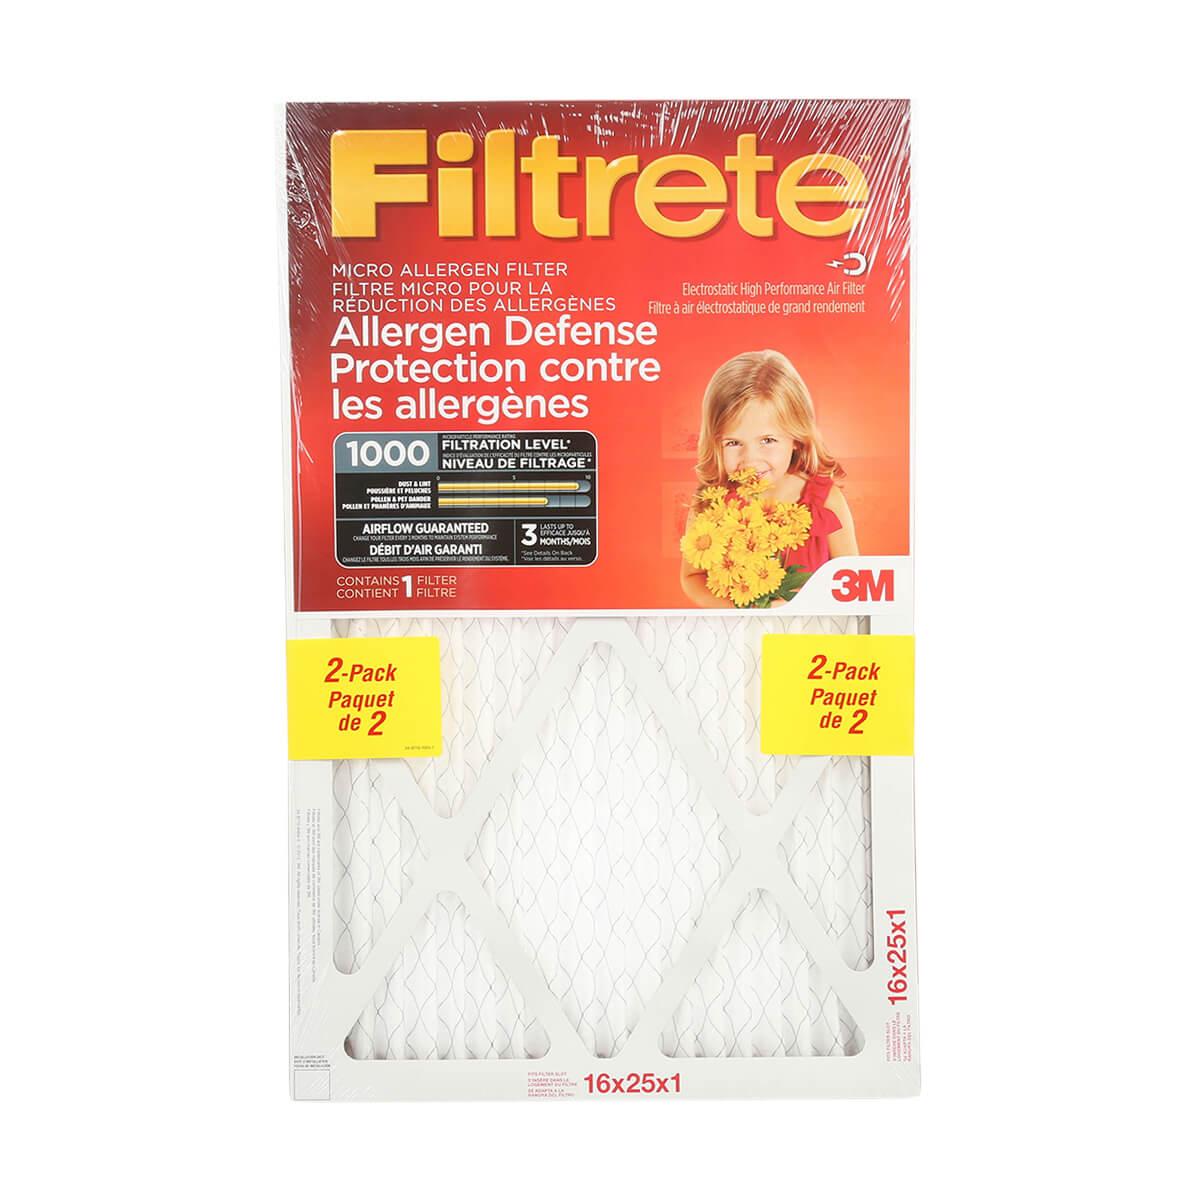 """Filtrete Allergen Defense Micro Allergen Filter, MPR 1000, 2 Pack - 16"""" x 25"""" x 1"""""""